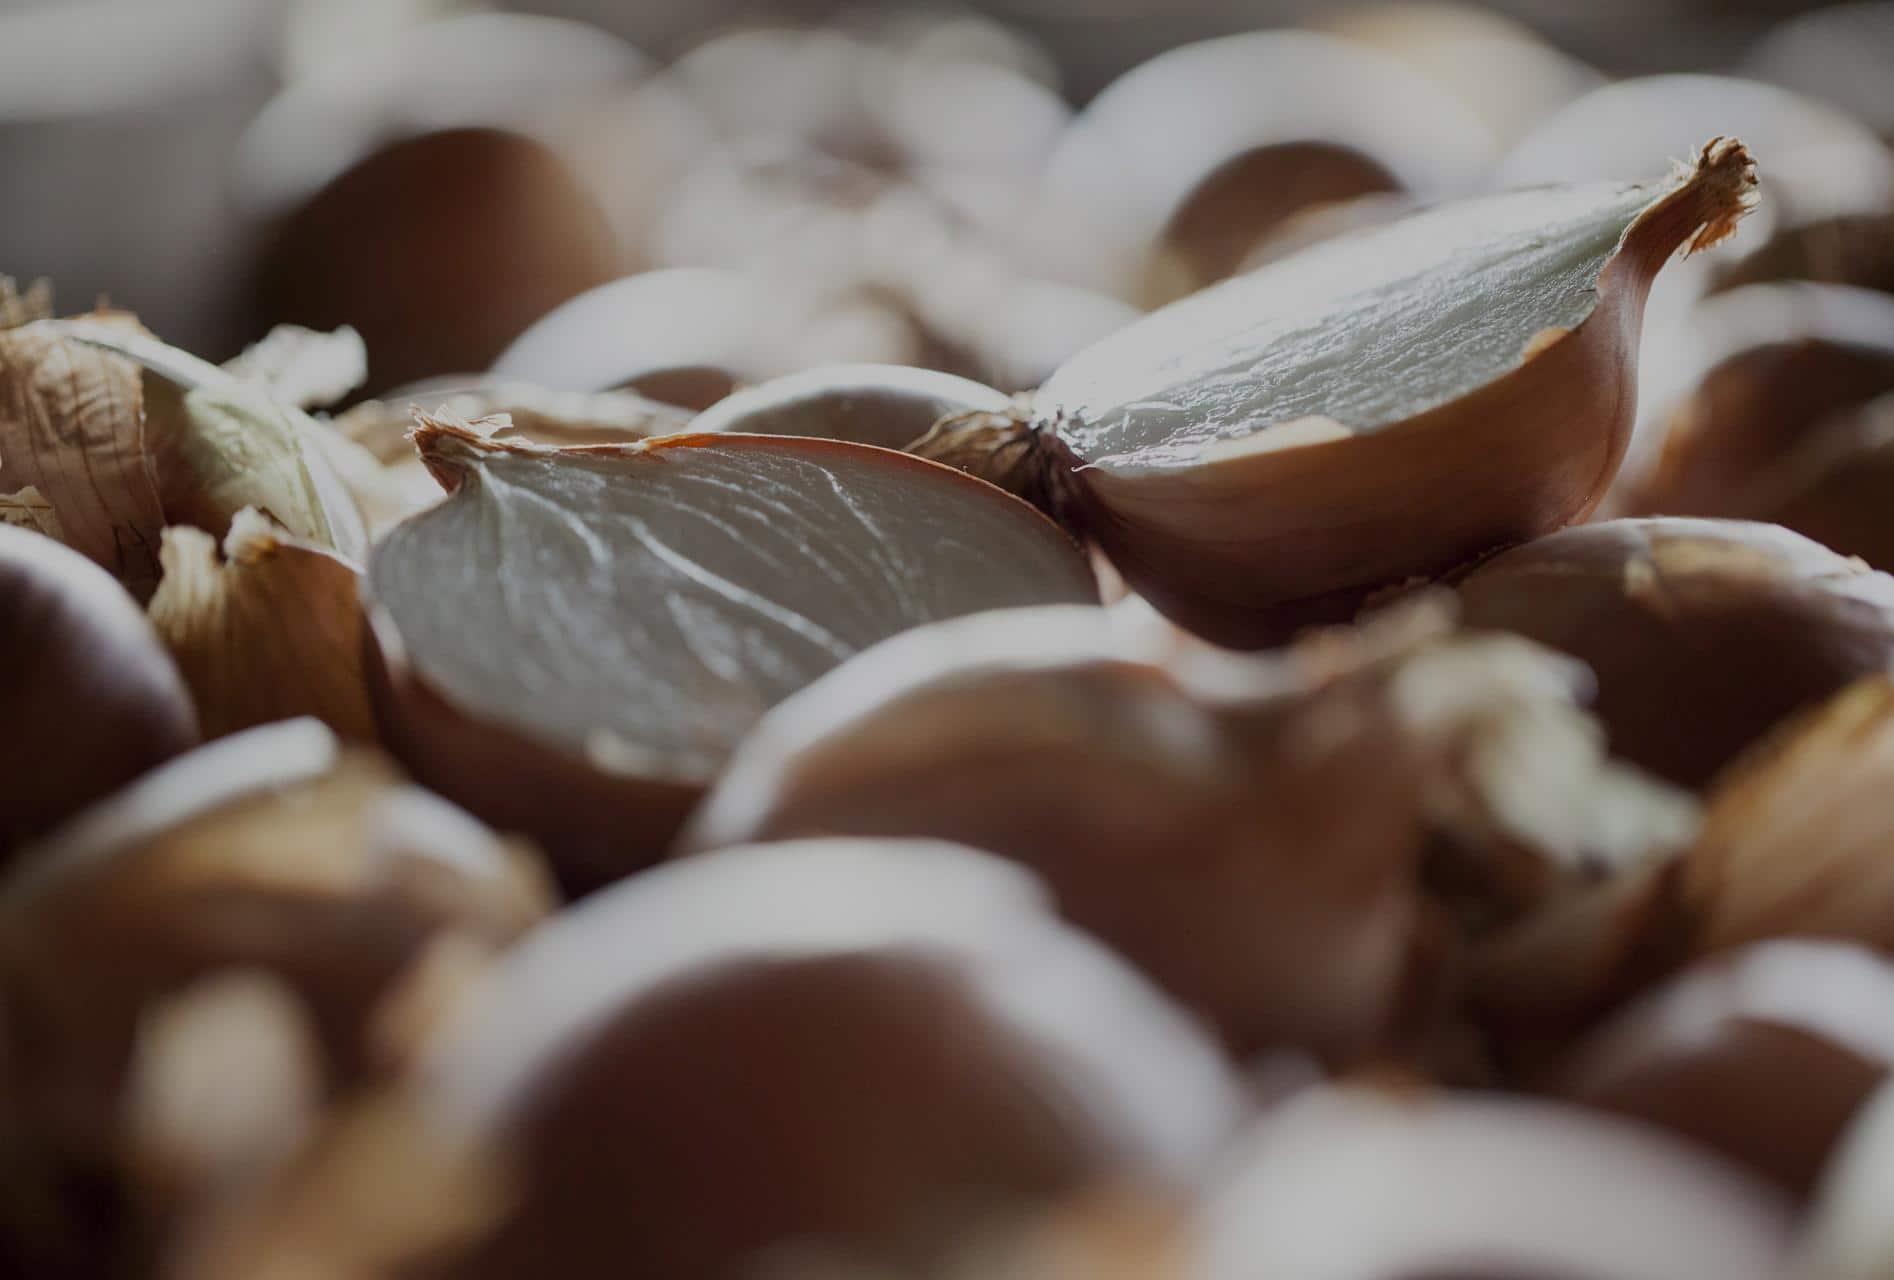 cebollas-marchite-calidad-maxima-producto